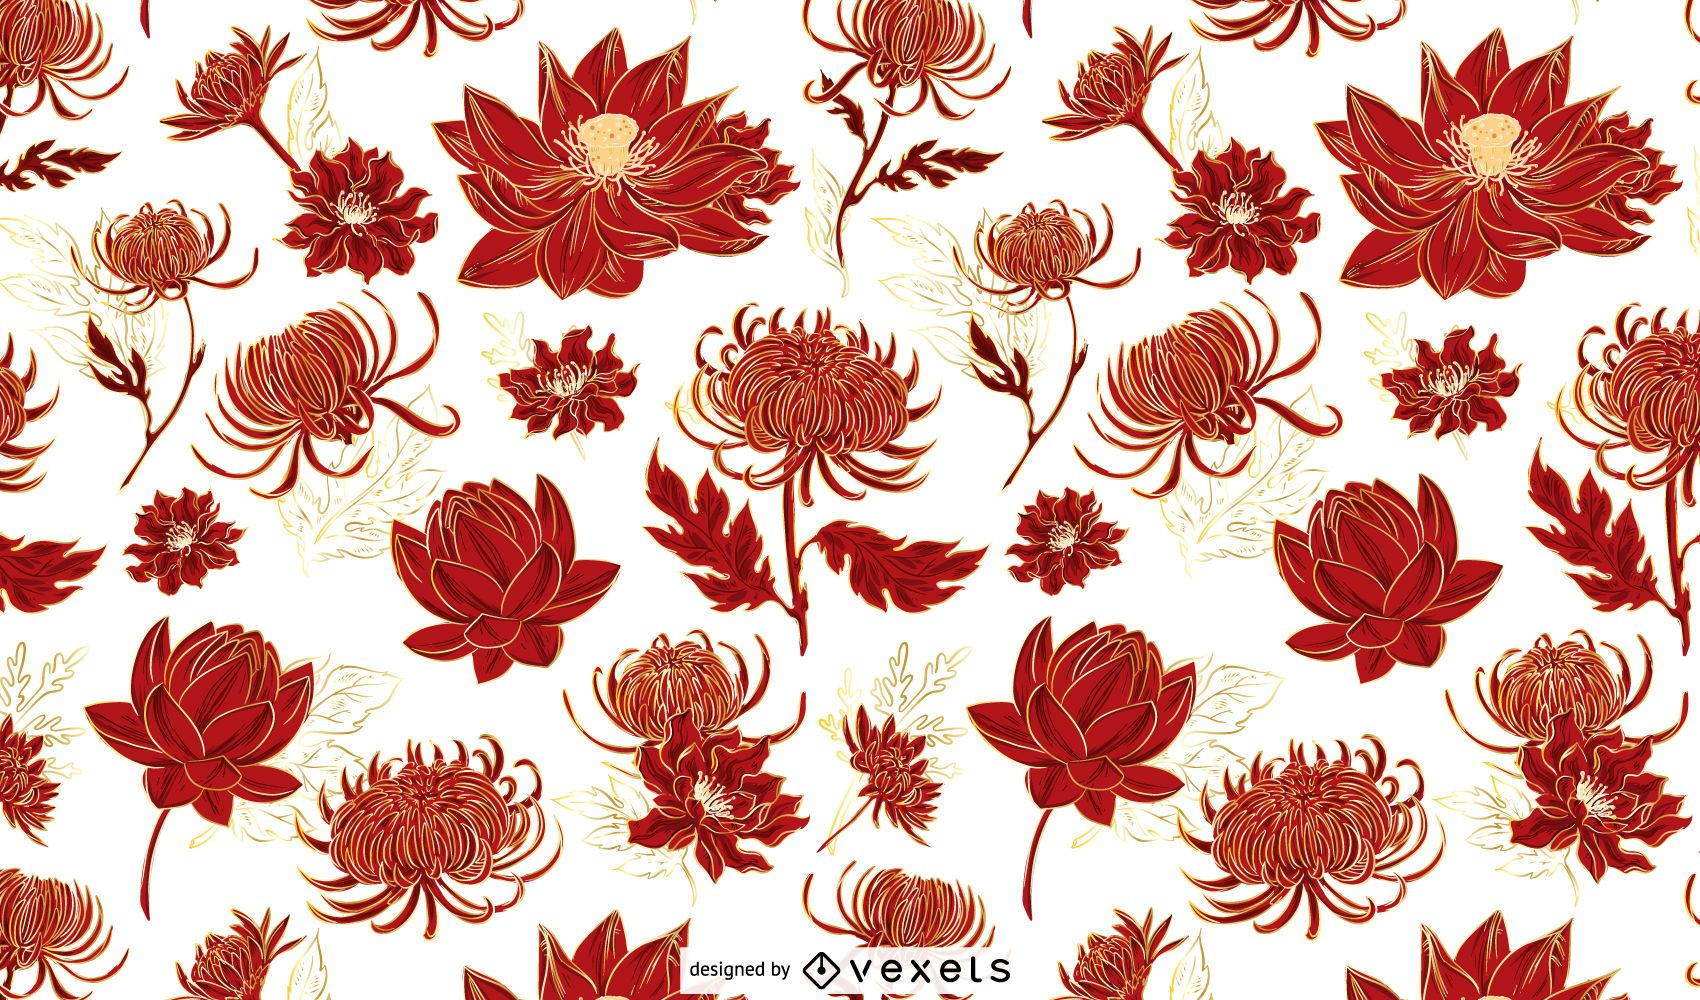 Diseño de patrón de flores chinas rojas